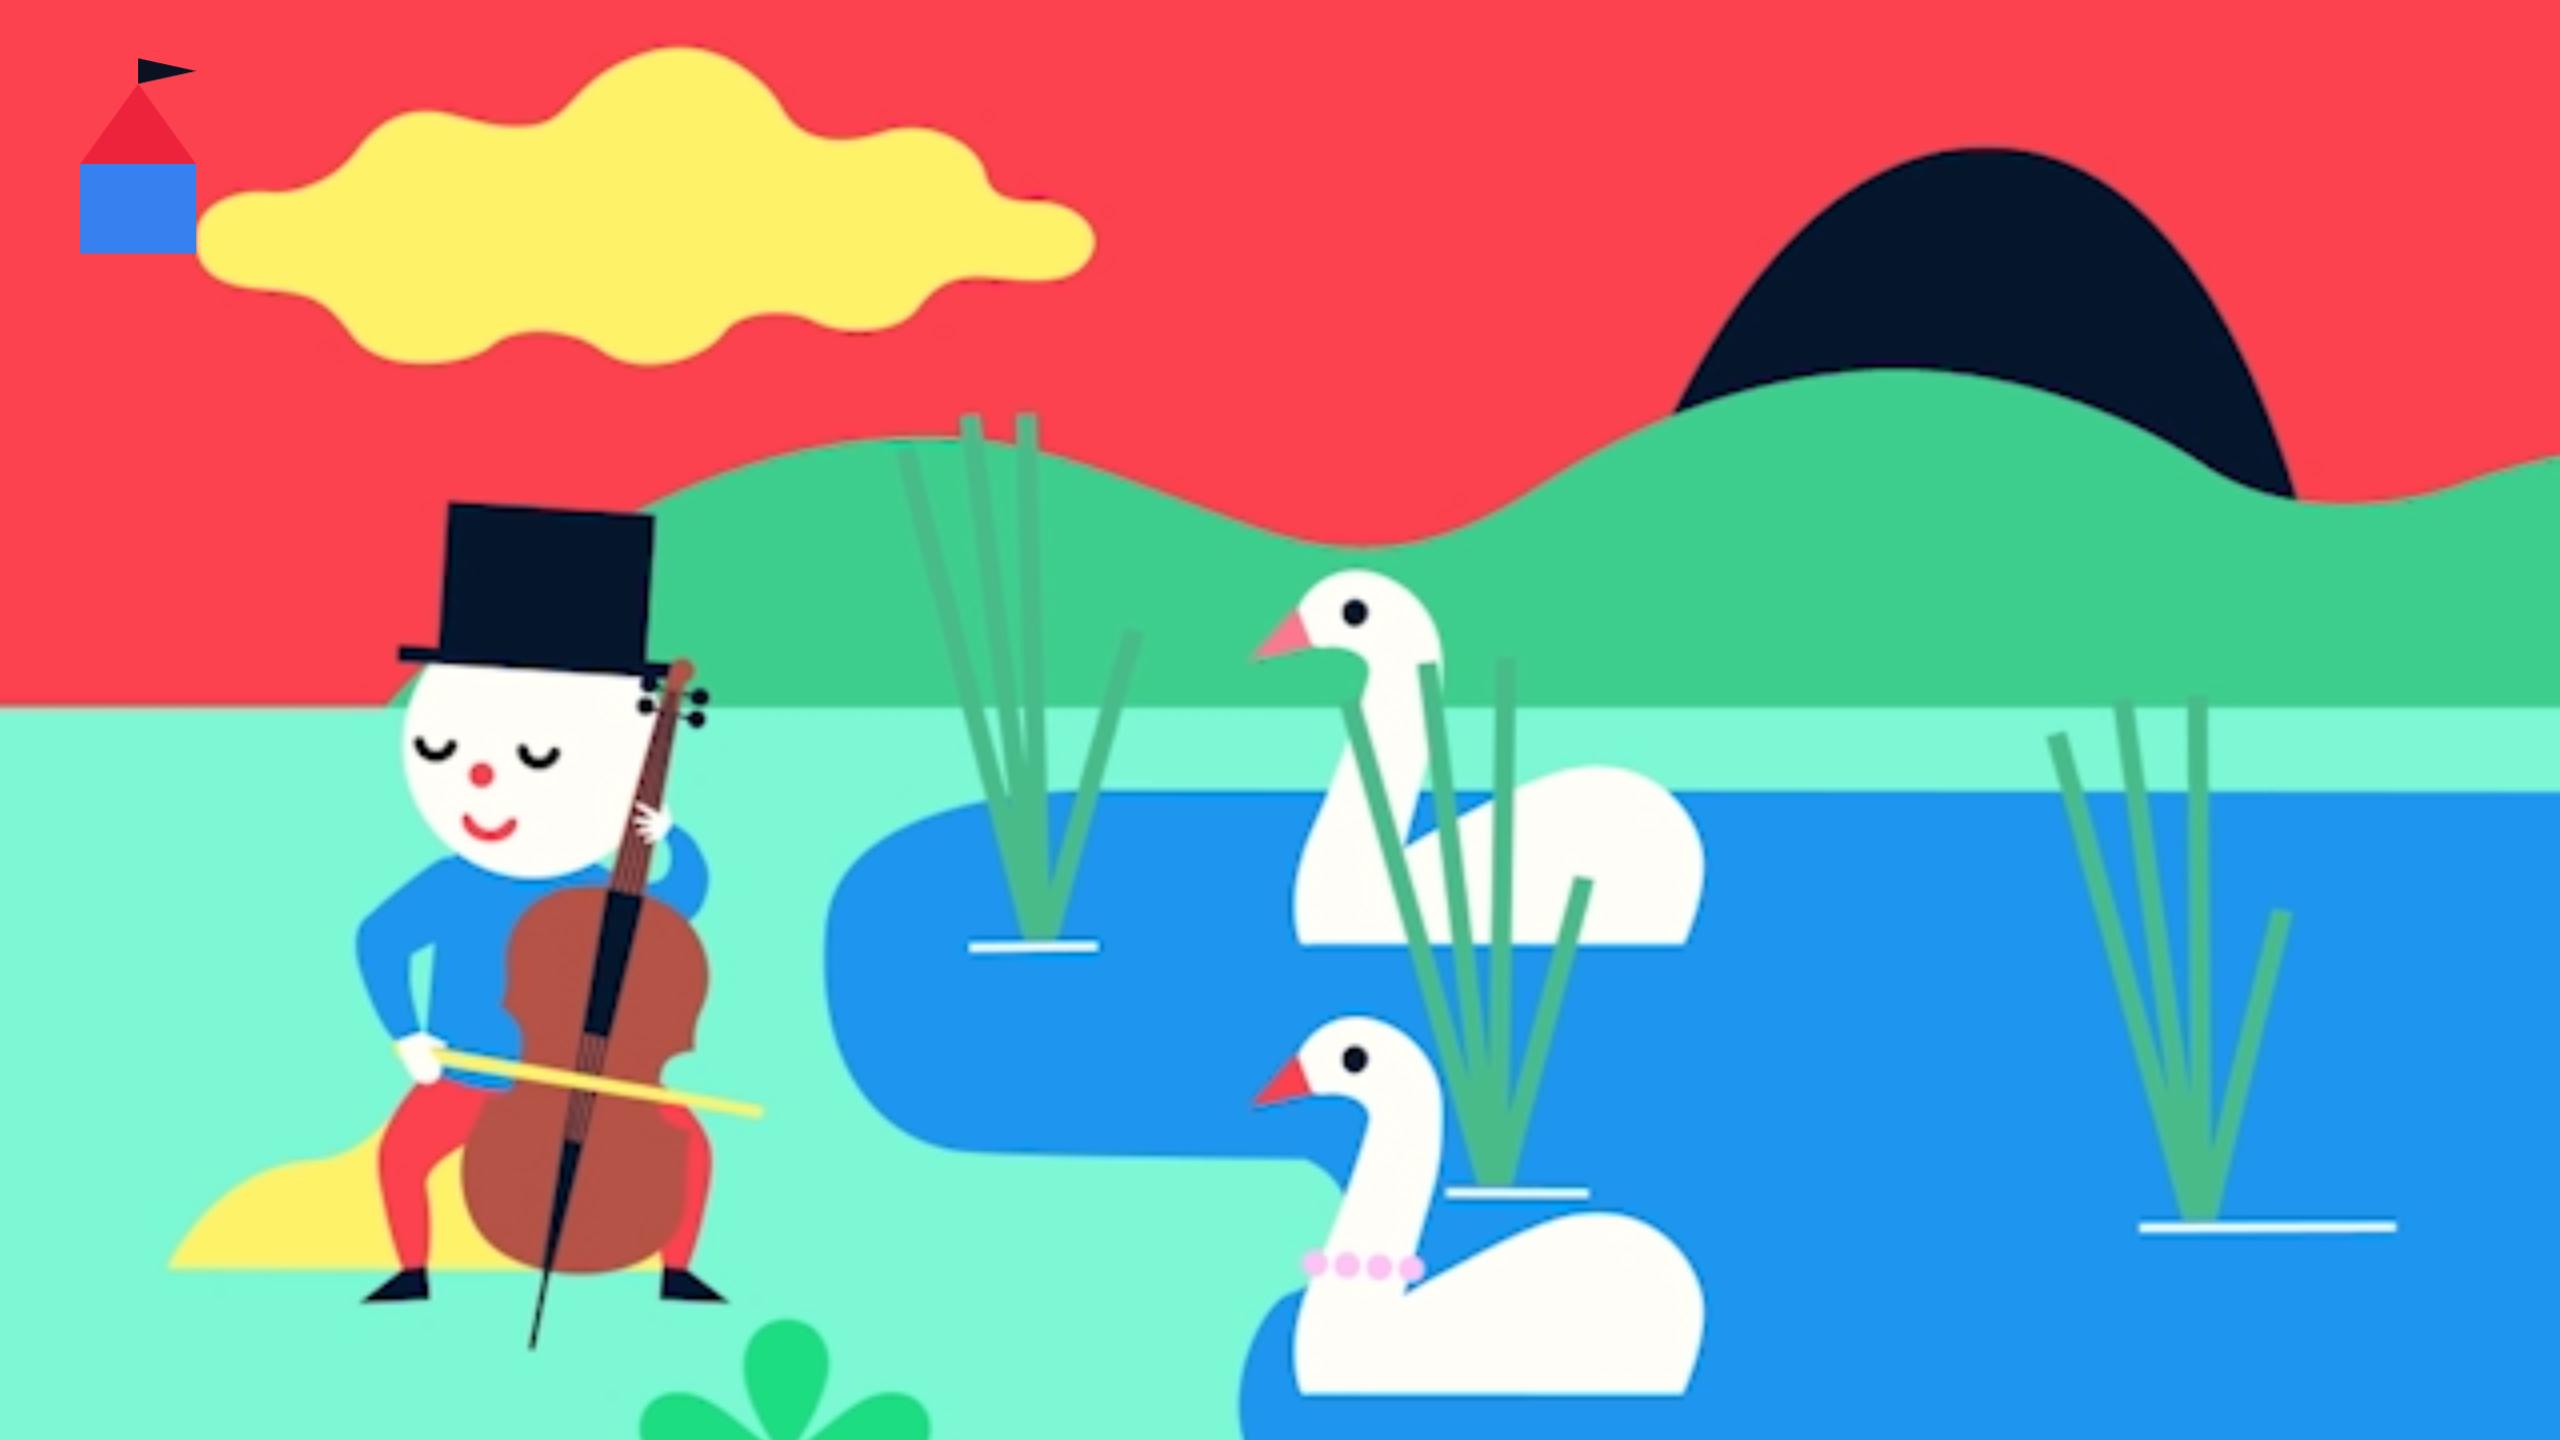 Screenshot: Teku spielt neben einem See mit zwei Schänen auf einem Chello.